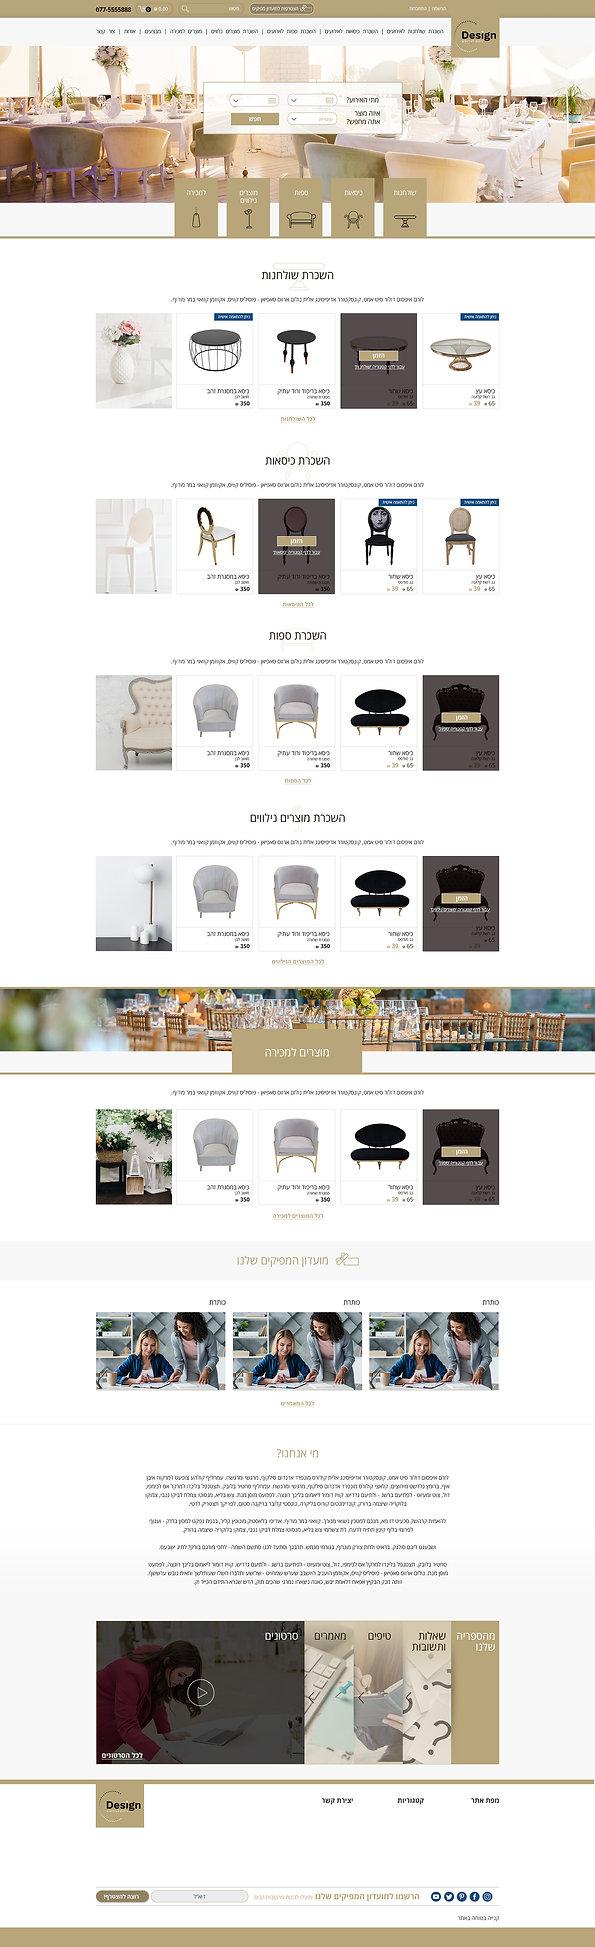 Cdesign-home1.jpg